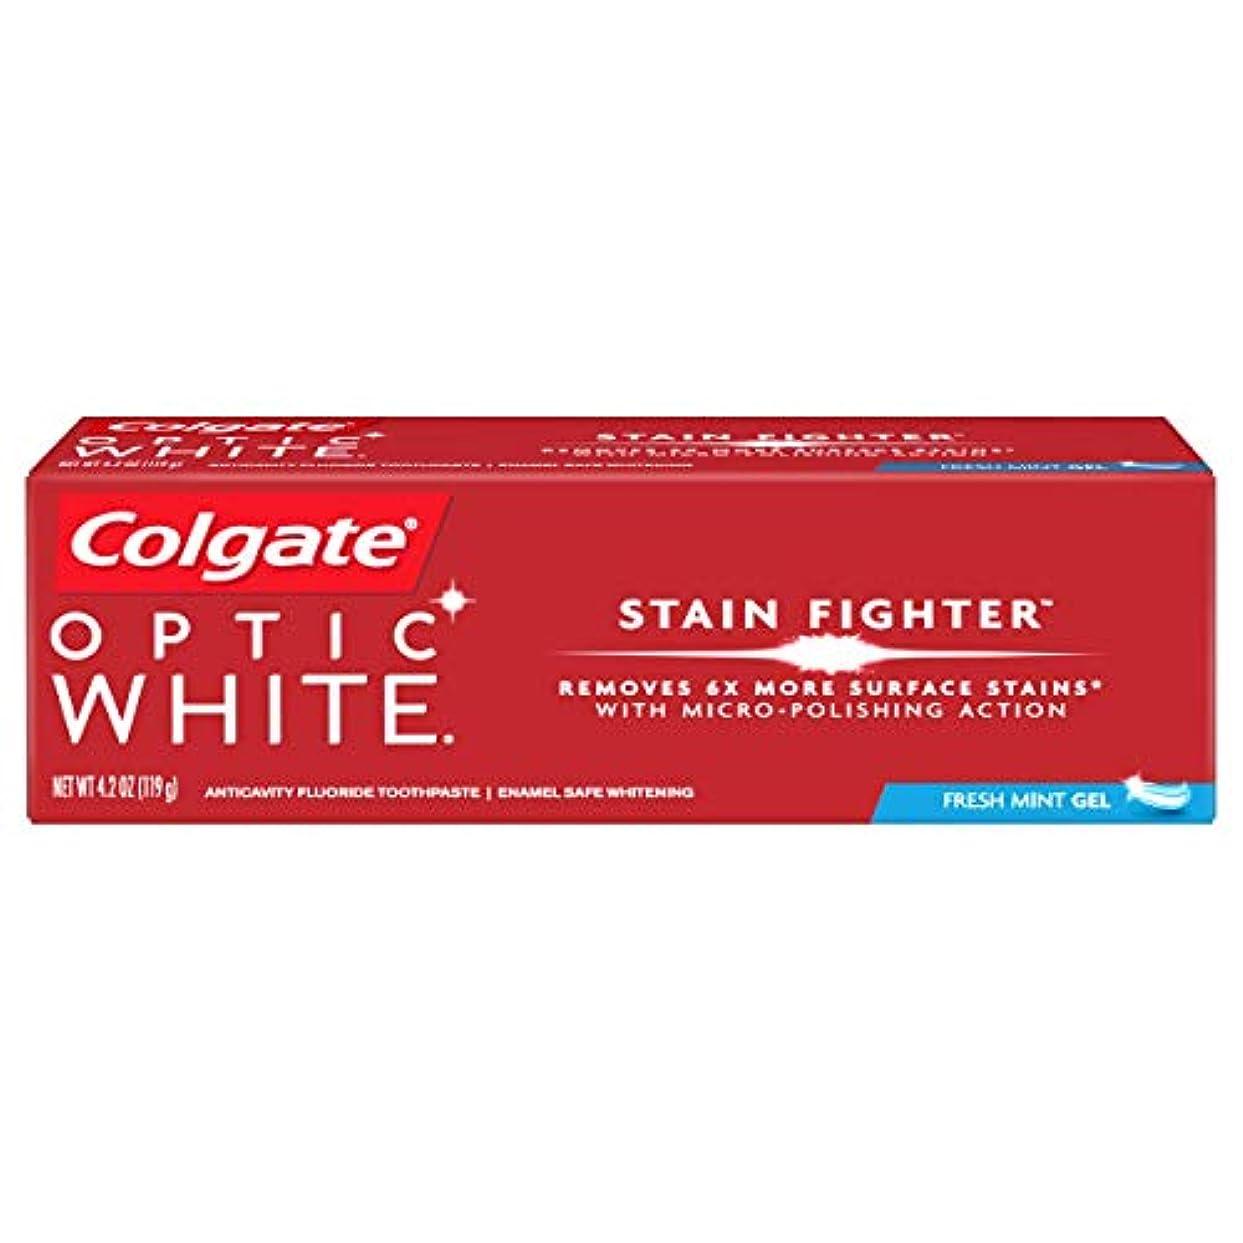 構成する火山経済的コルゲート ホワイトニング Colgate 119g Optic White STAIN FIGHTER 白い歯 歯磨き粉 ミント (Fresh Mint)